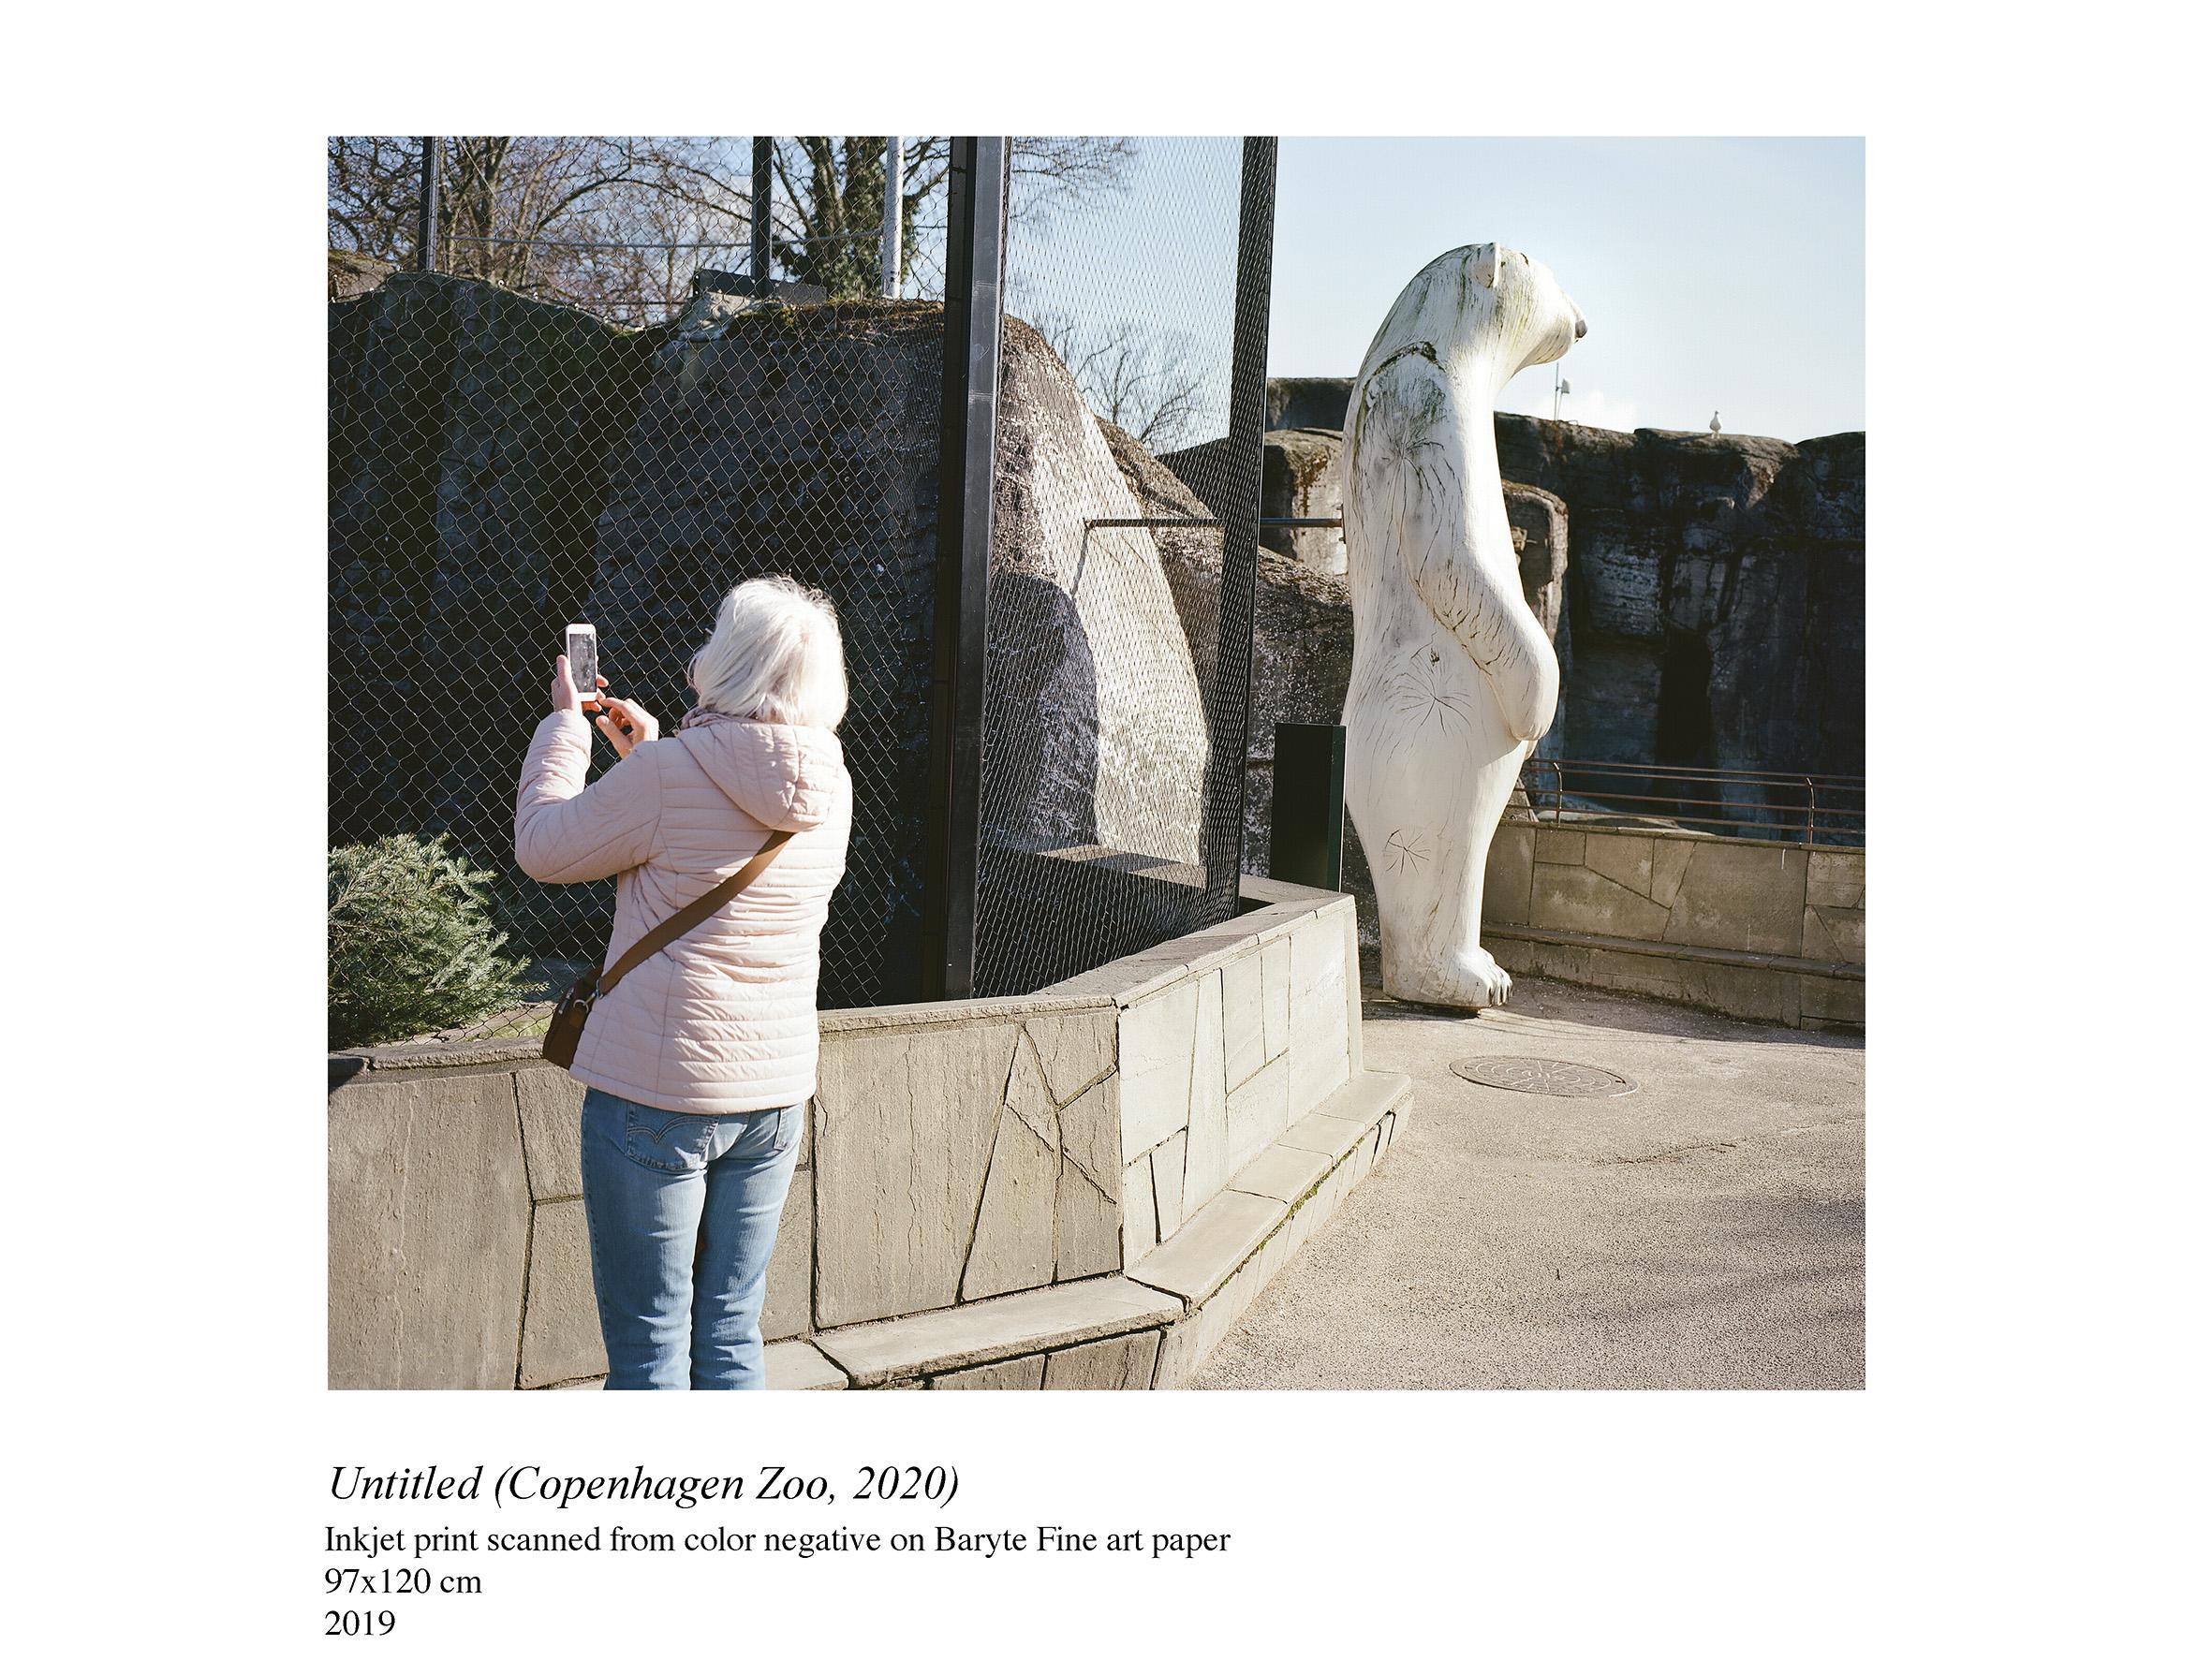 copenhagen 2020 10